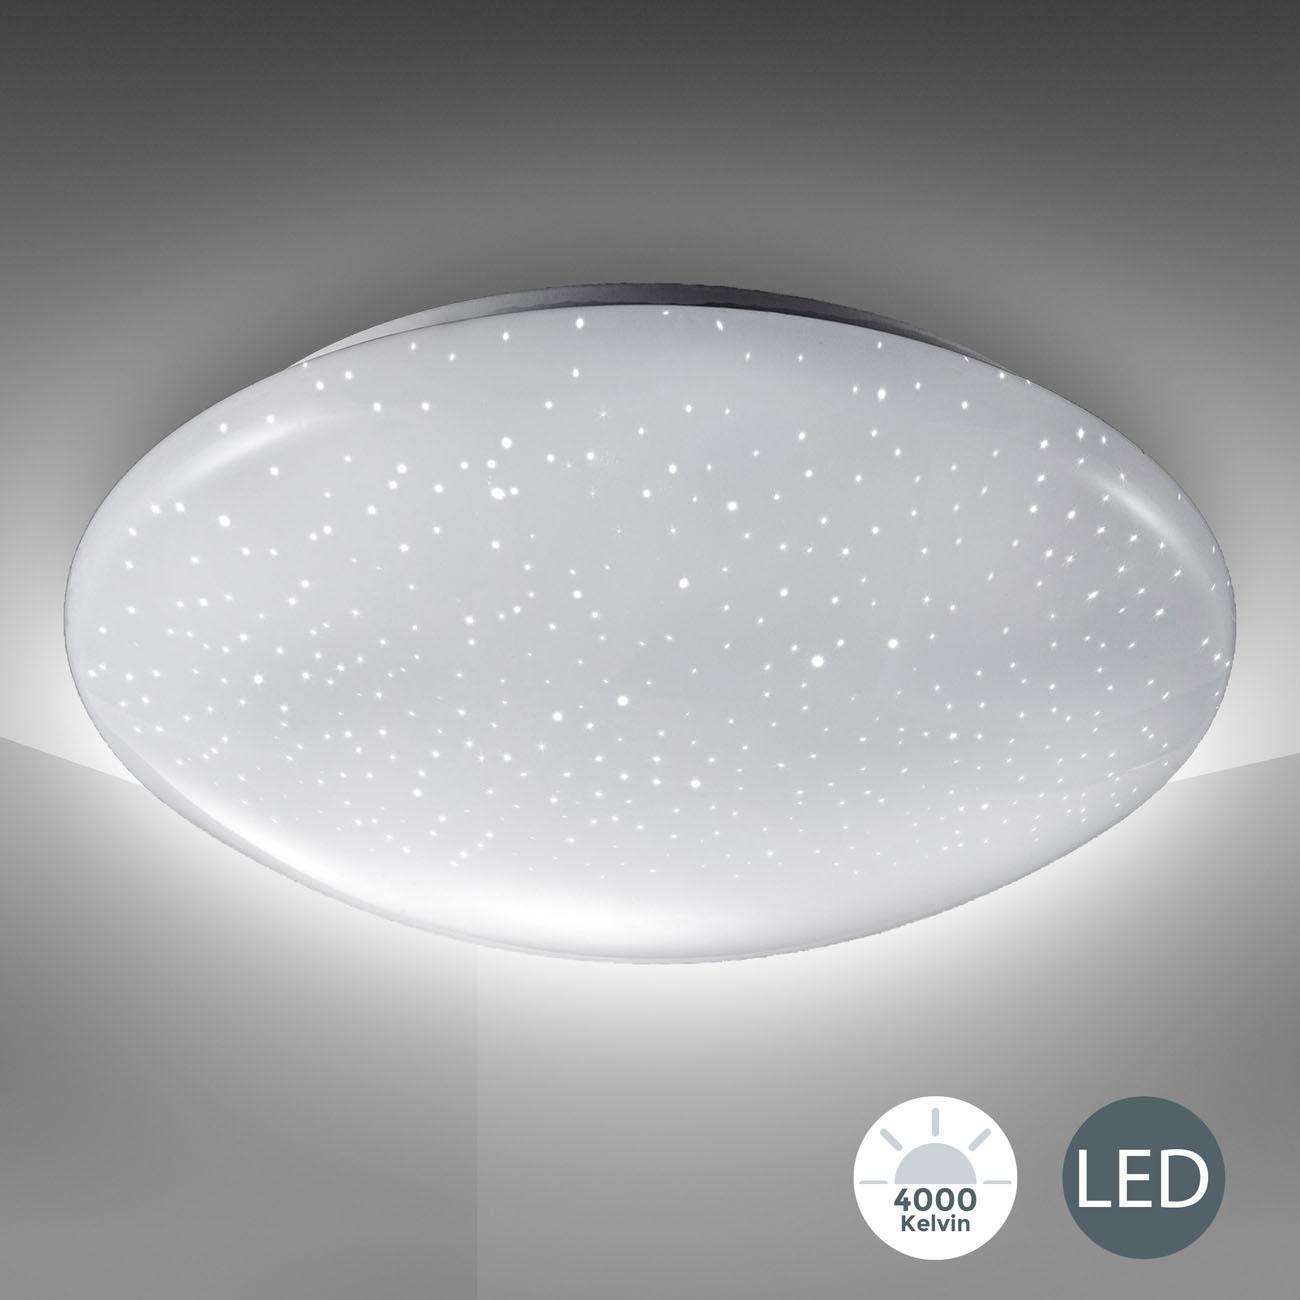 LED Deckenleuchte Sternenlicht - 3